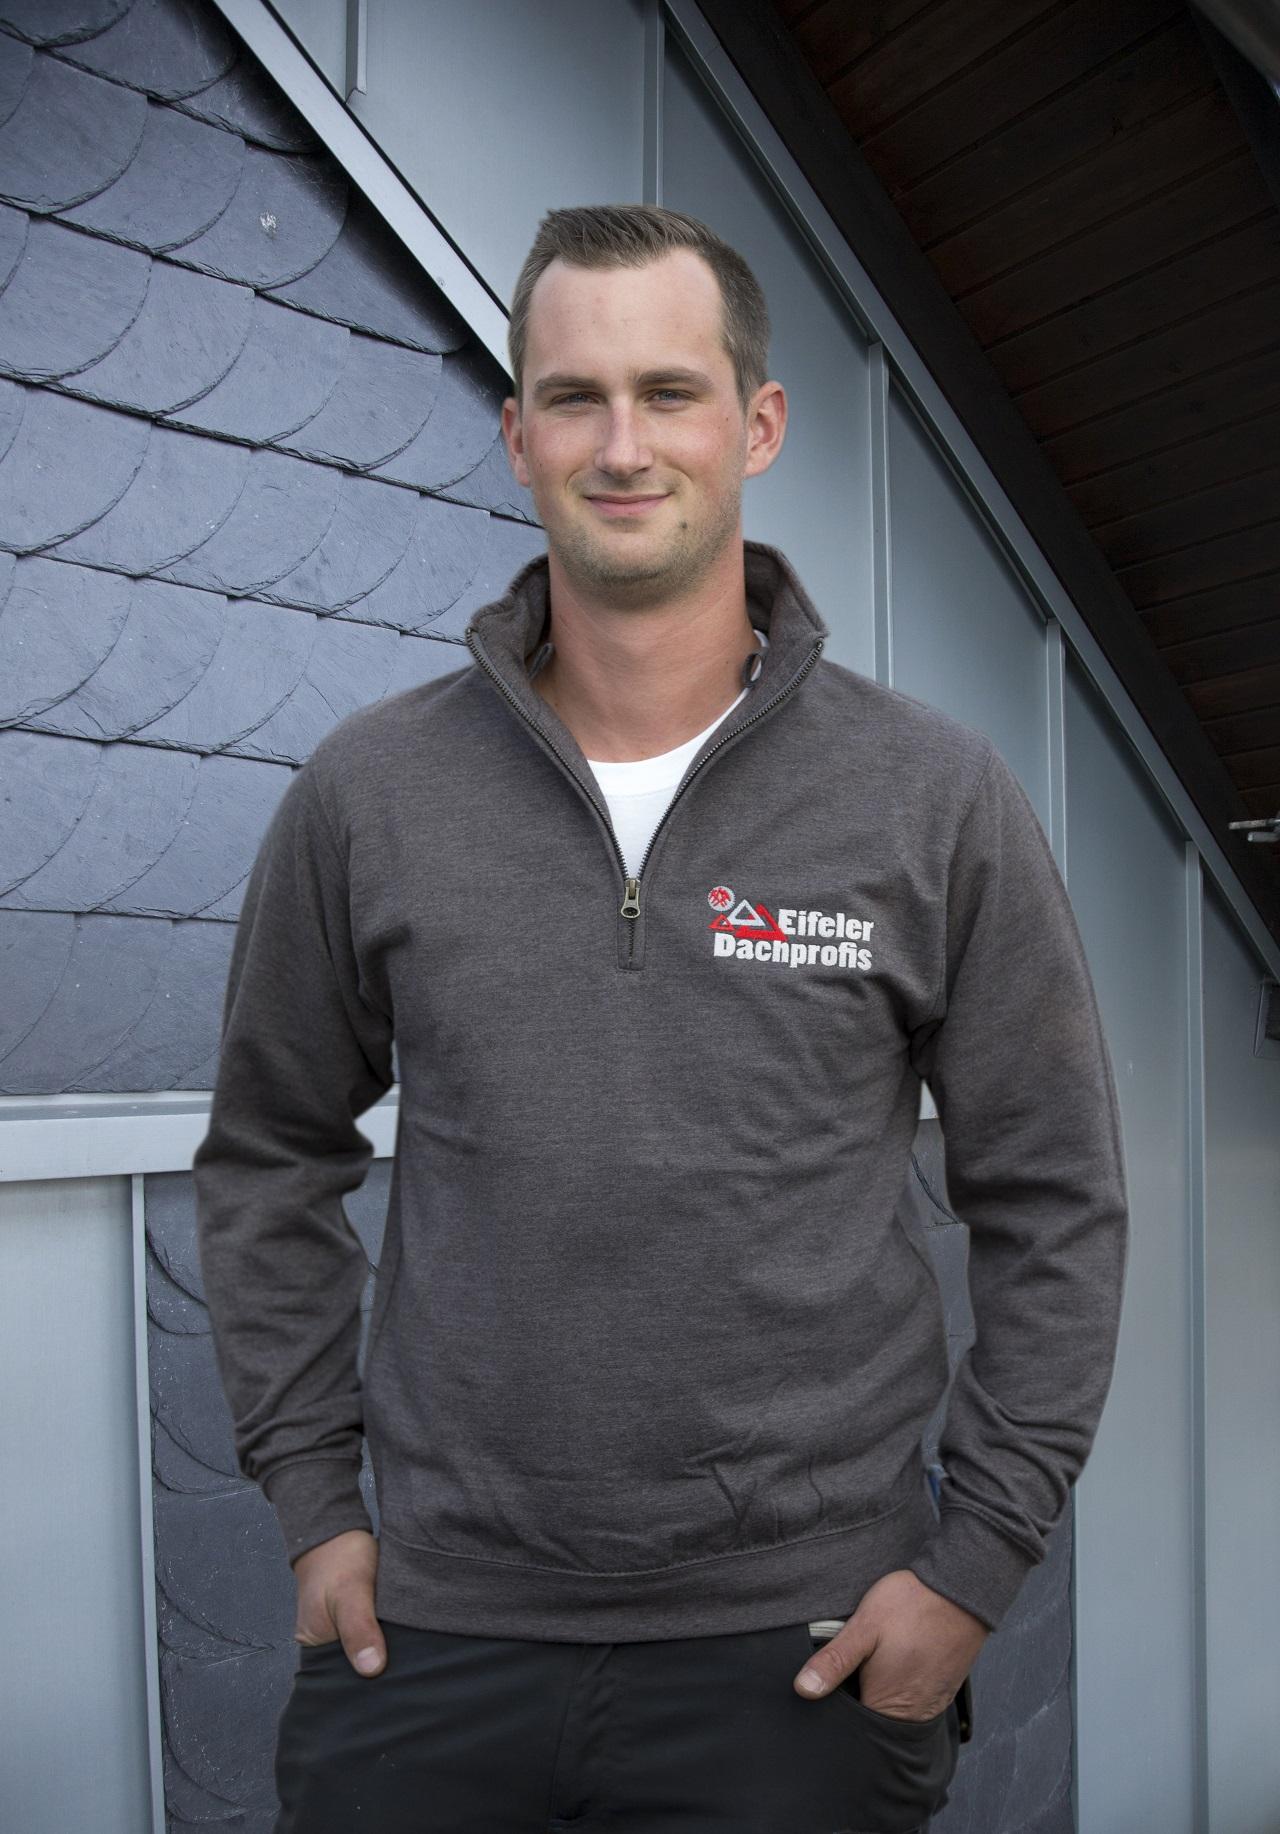 Marius Reuter